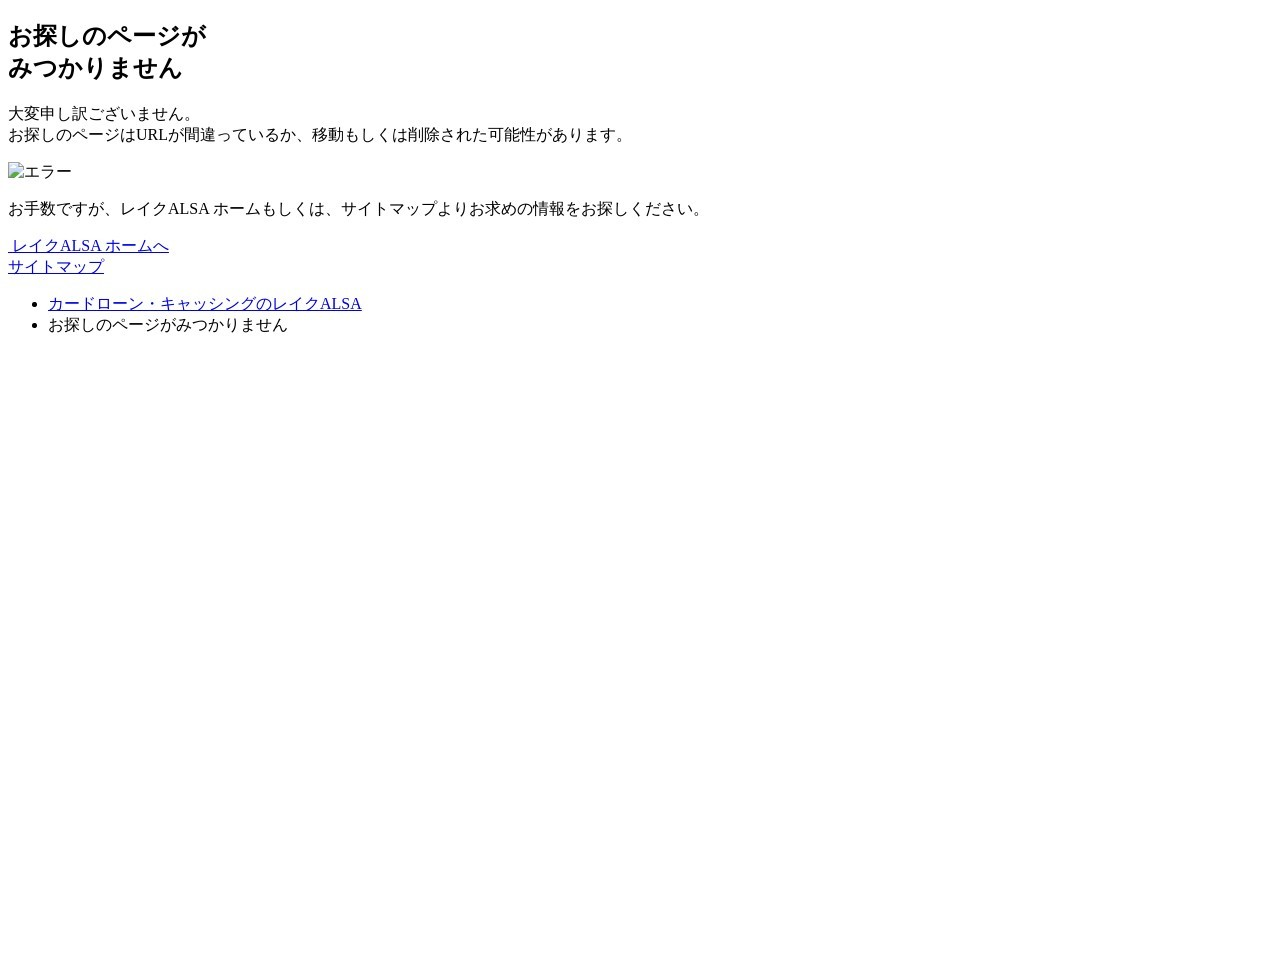 レイクALSA 青江自動契約コーナー岡山県 レイクALSA